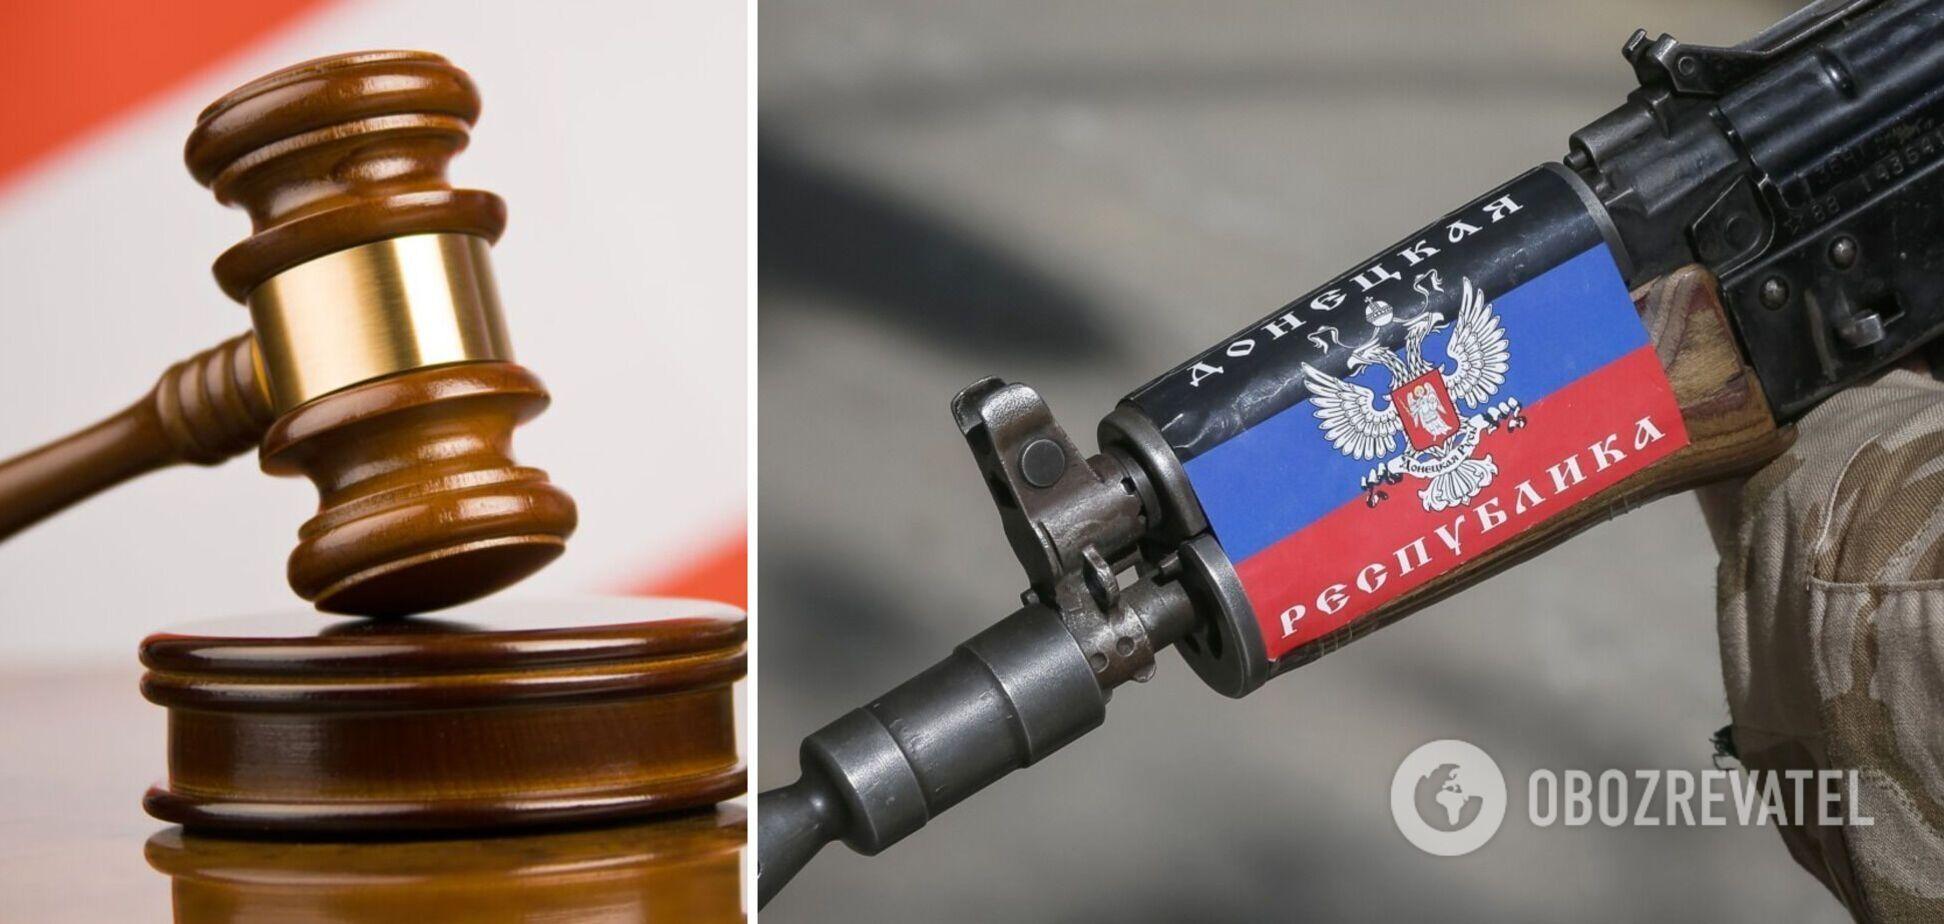 Ексвійськового ЗСУ засудили до 6 років за пособництво 'ДНР'